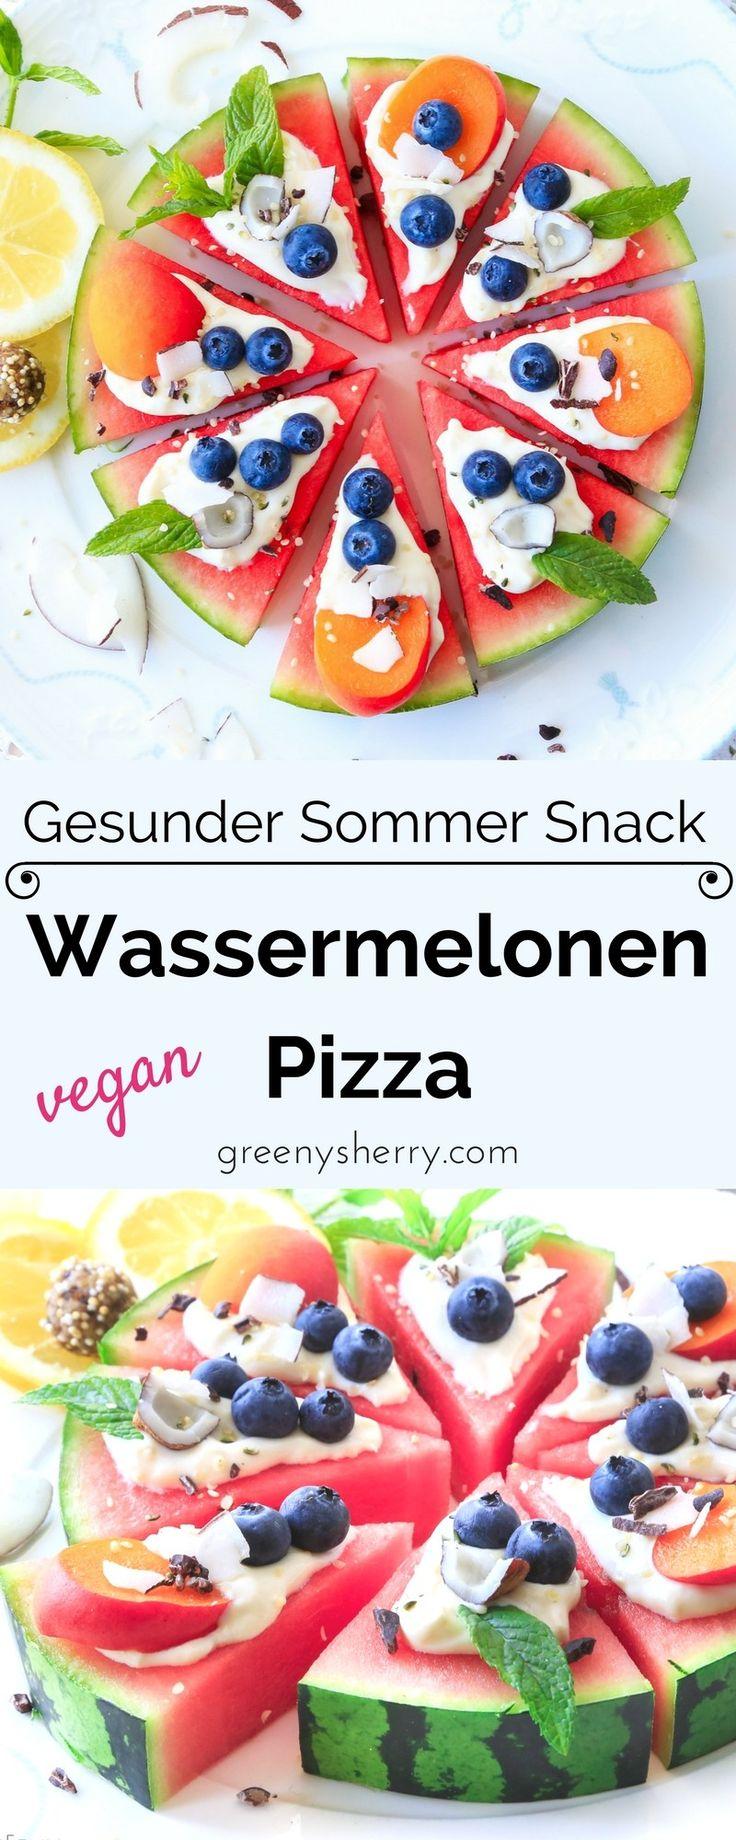 Wassermelonen Pizza – Gesunder Sommer Snack